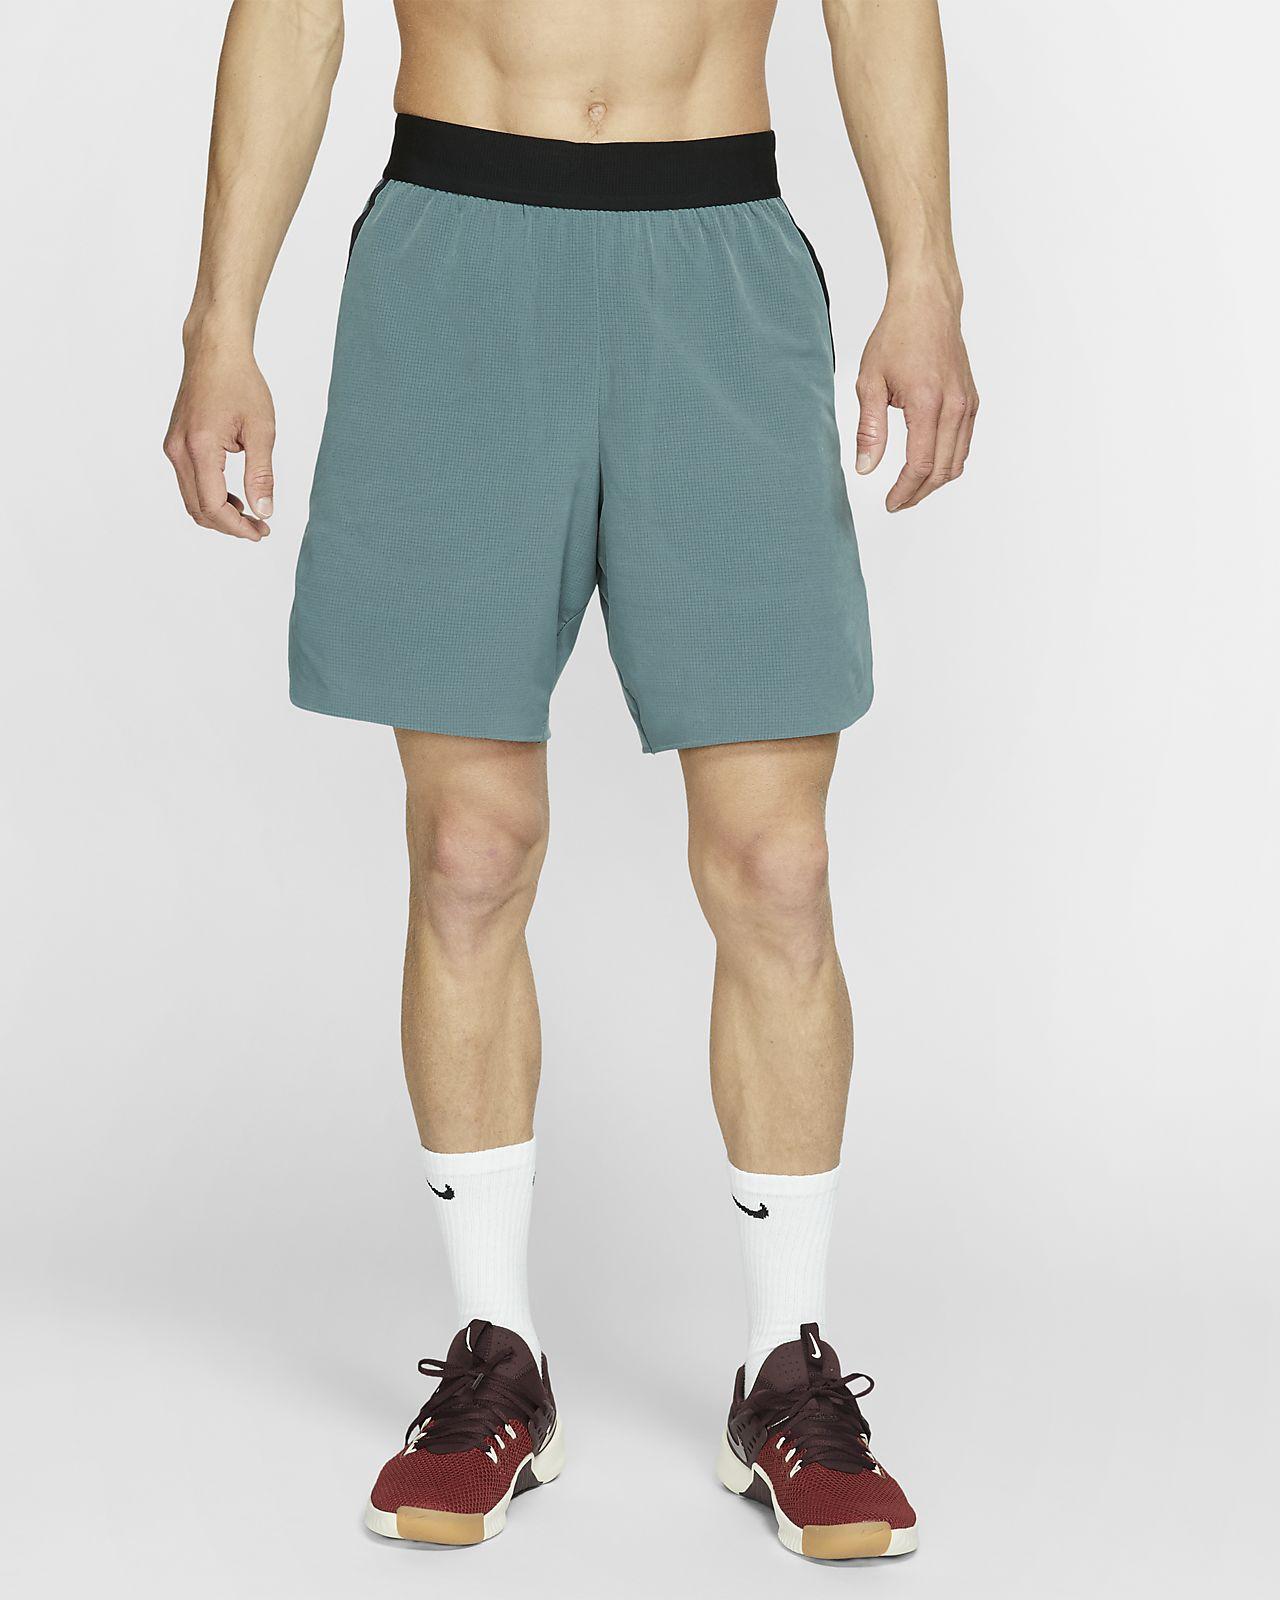 Short de training Nike Flex Tech Pack pour Homme